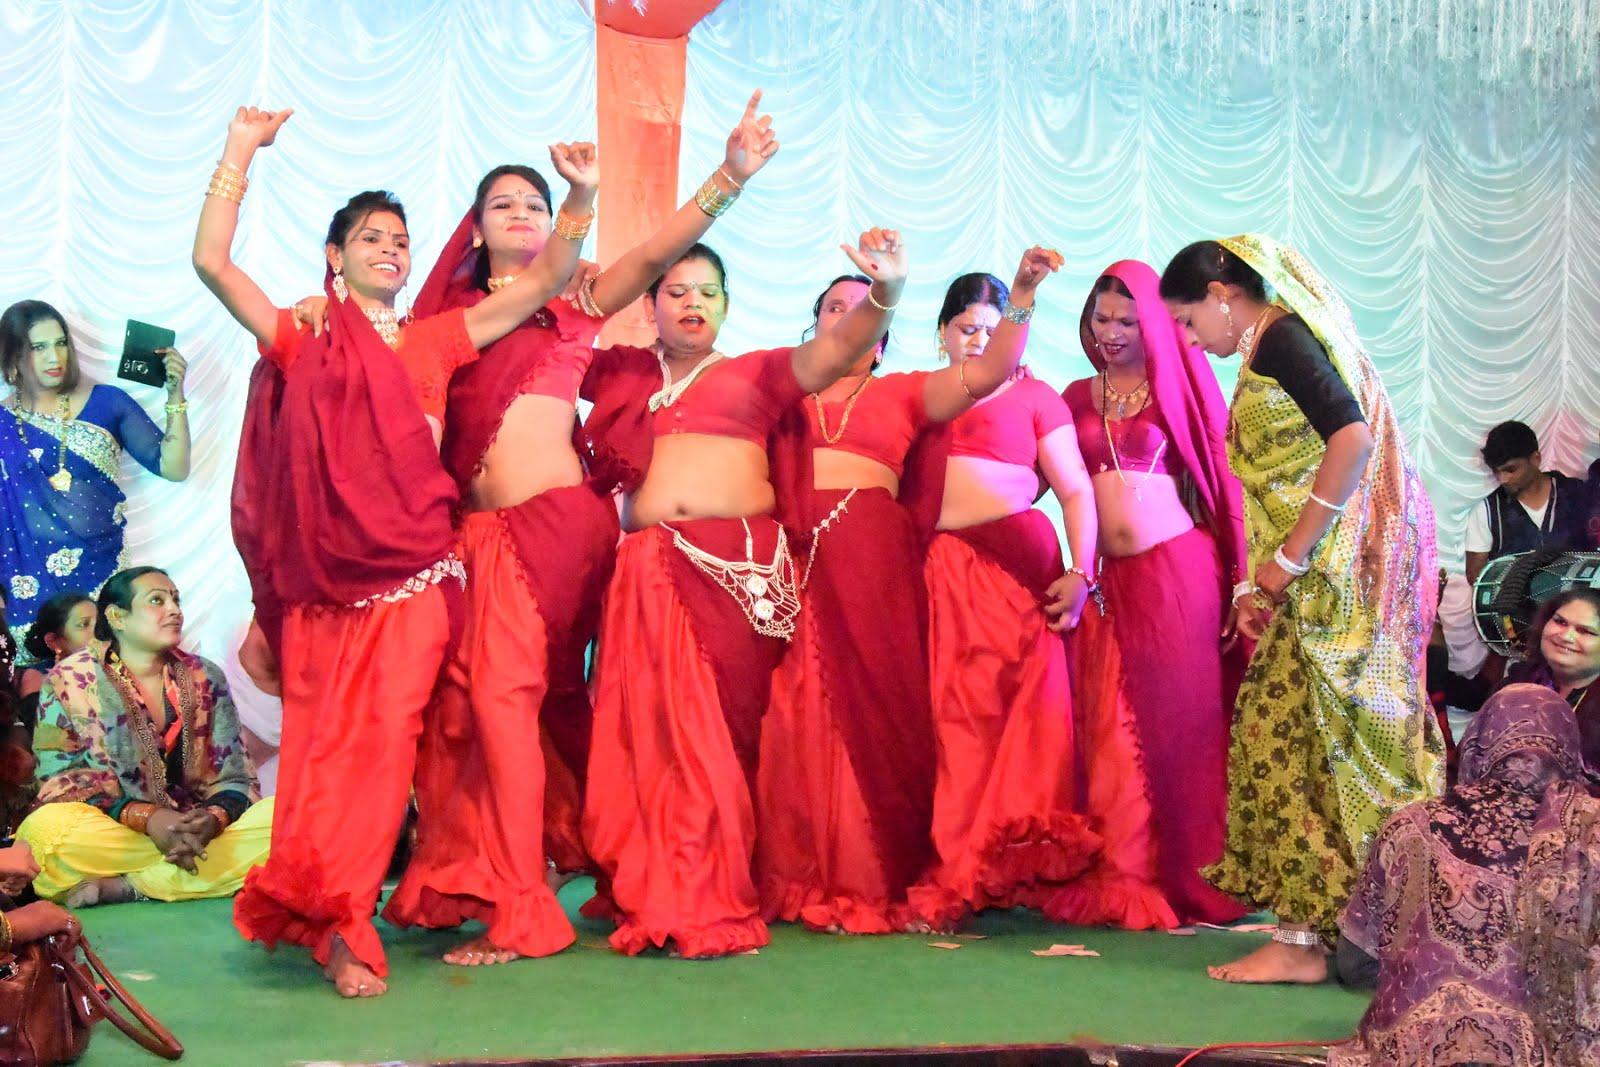 झाबुआ में चल रहा है १५ दिवसीय अखिल भारतीय किन्नर सम्मेलन -15-day-All-India-Kinnar-samellan-is-going-on-in-Jhabua